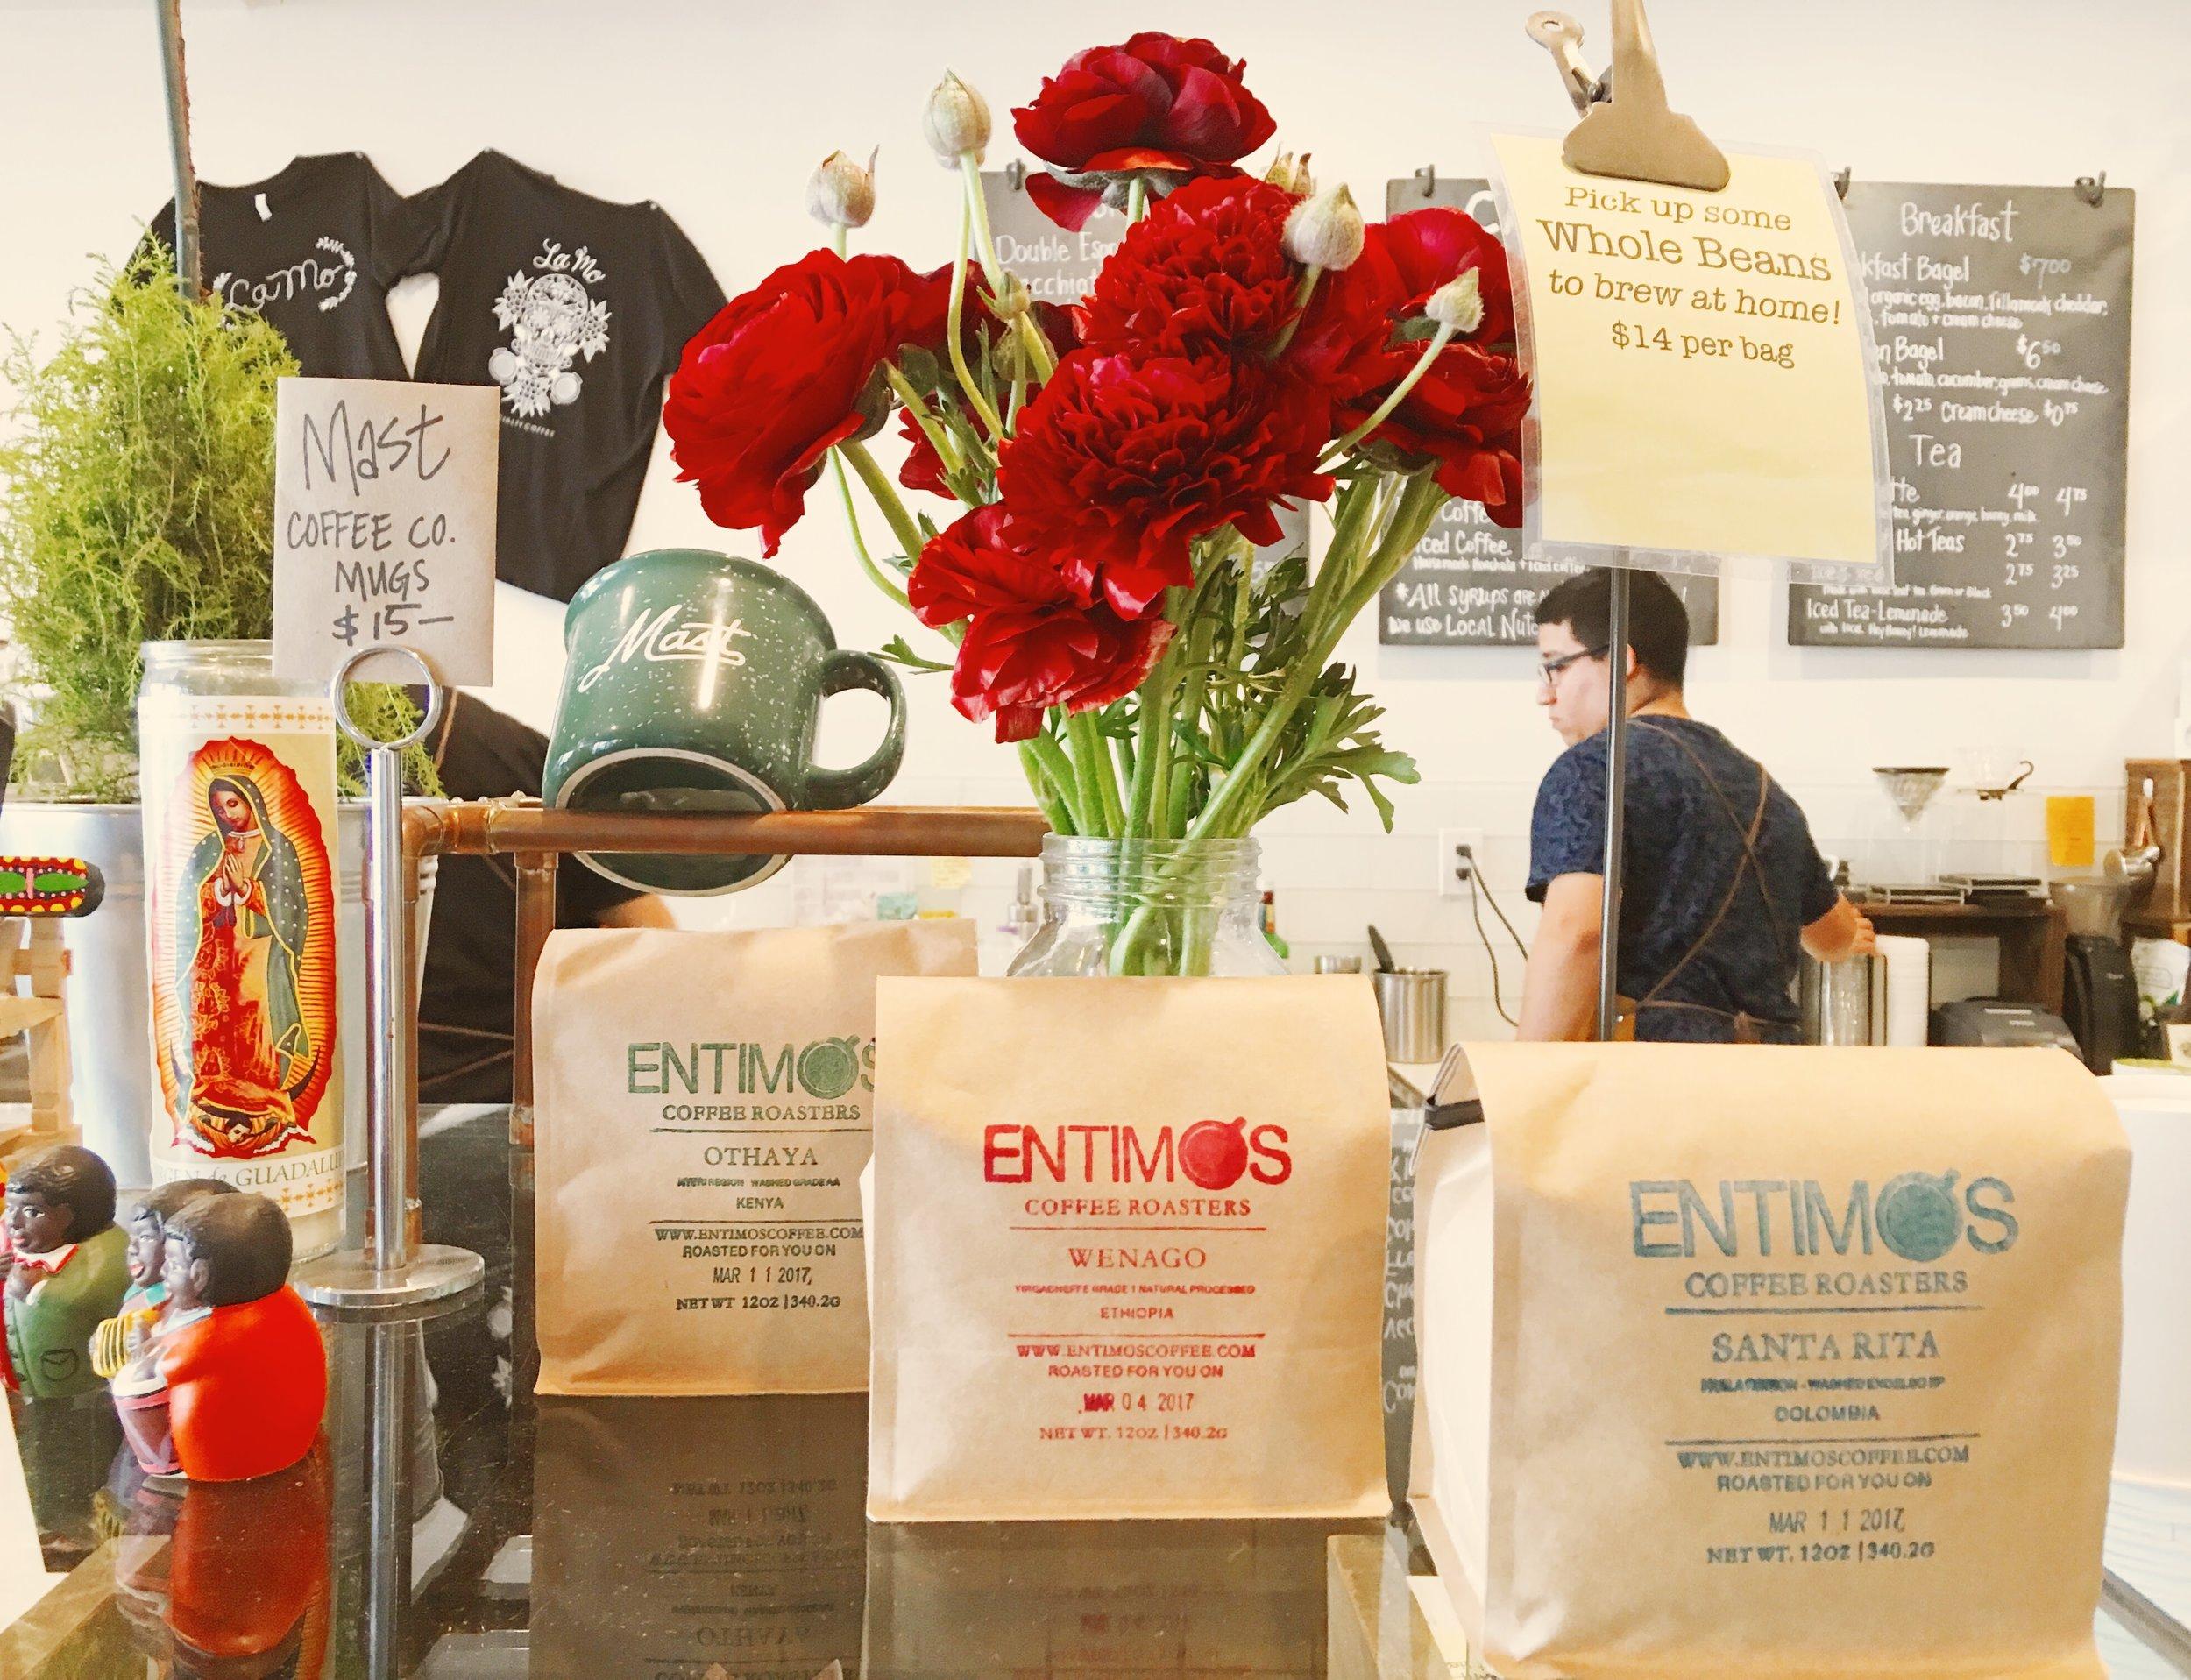 Entimos Coffee Display at La Mo Cafe in Turlock, CA